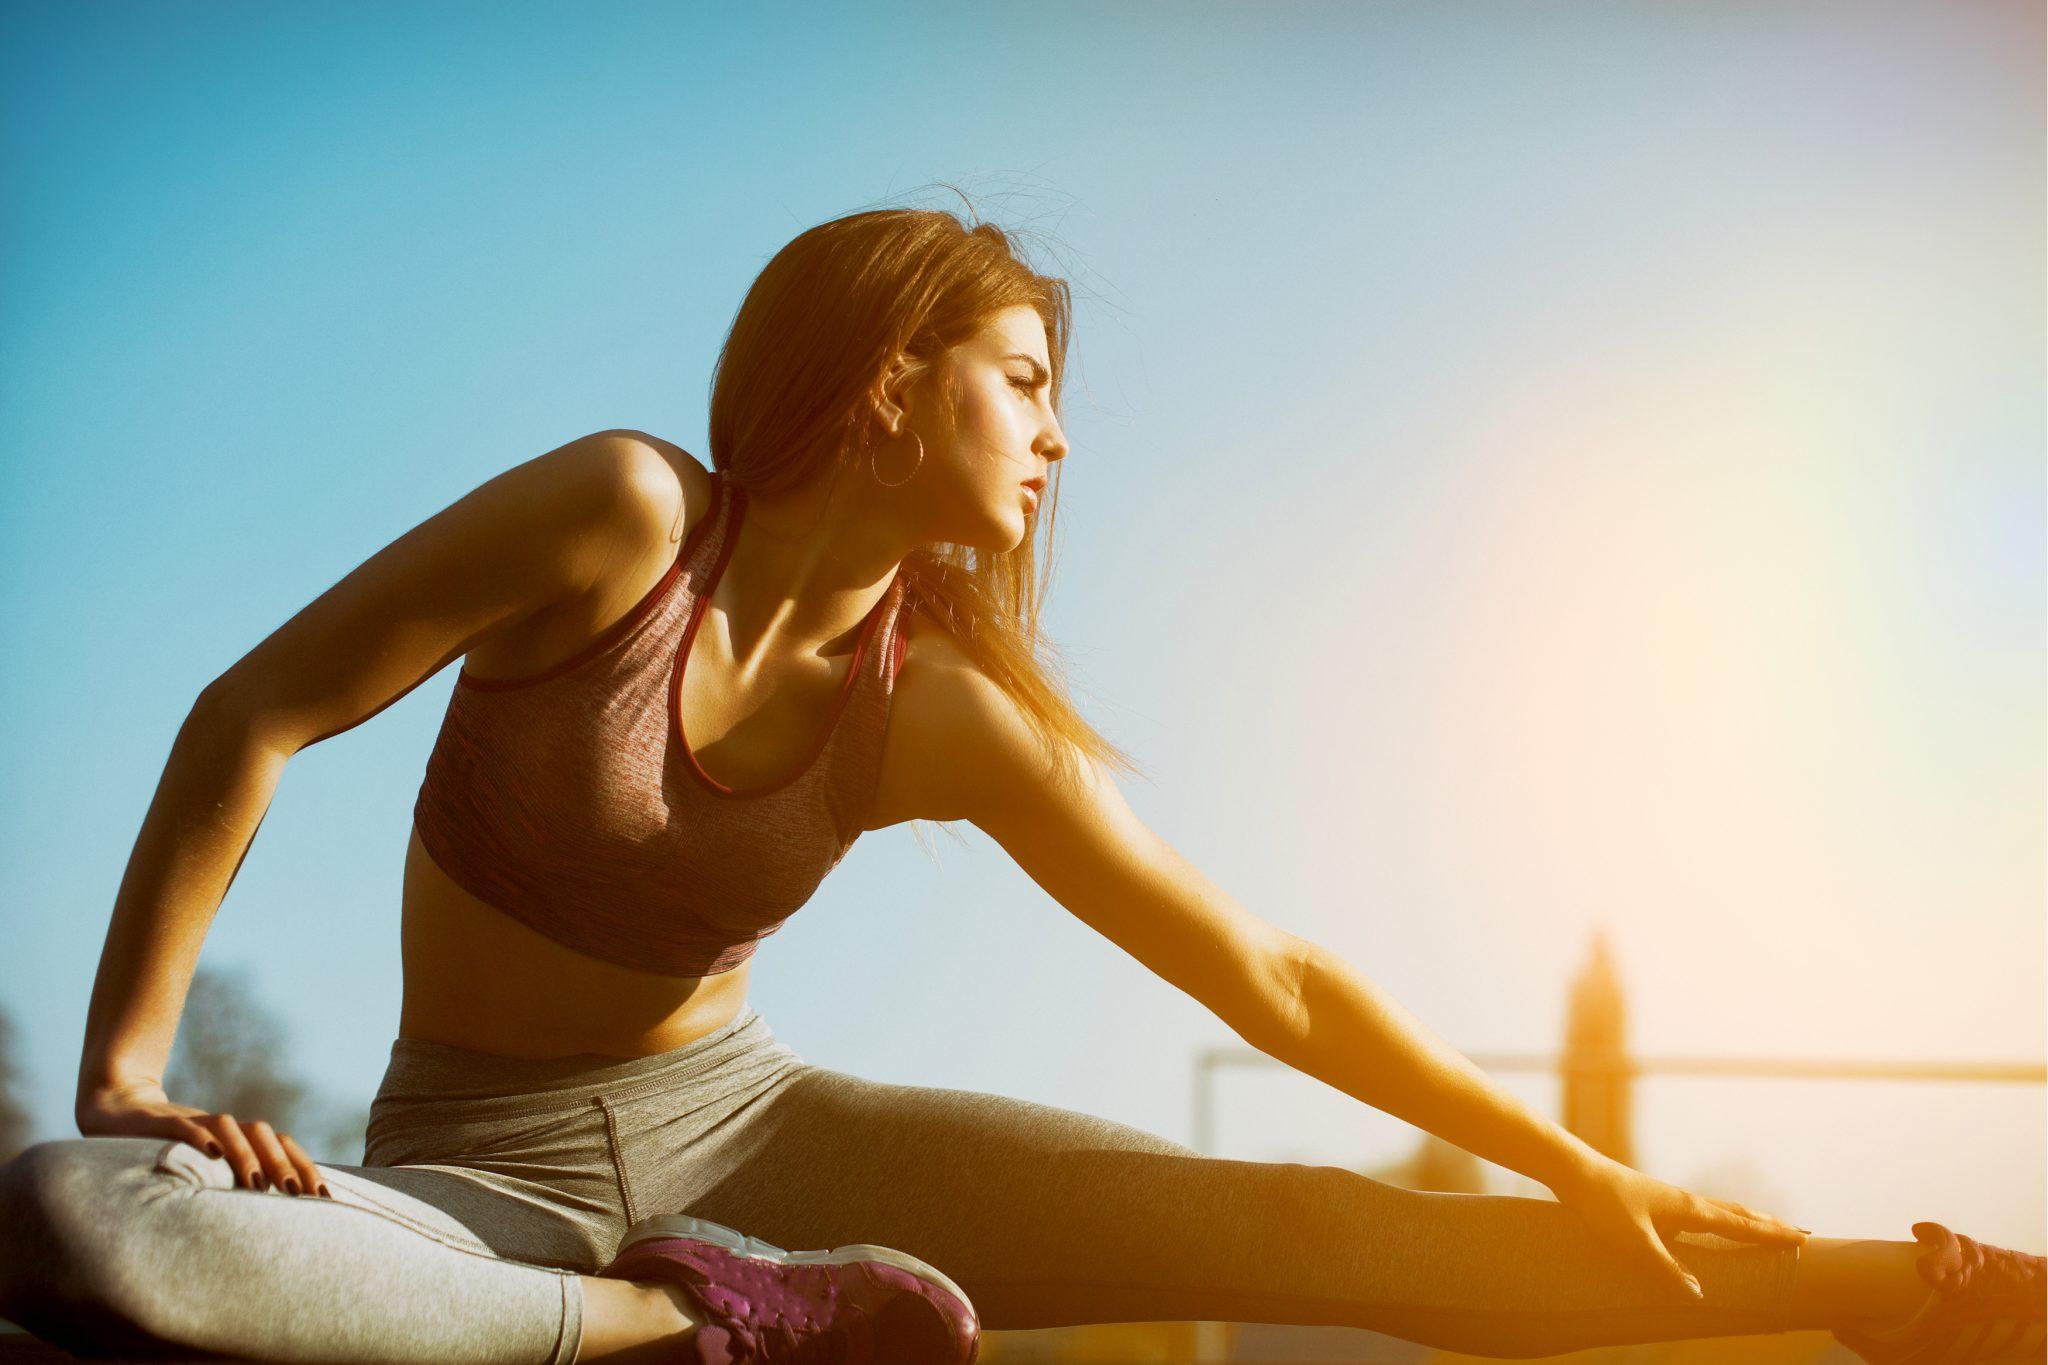 運動後のストレッチで足を延ばしている女性